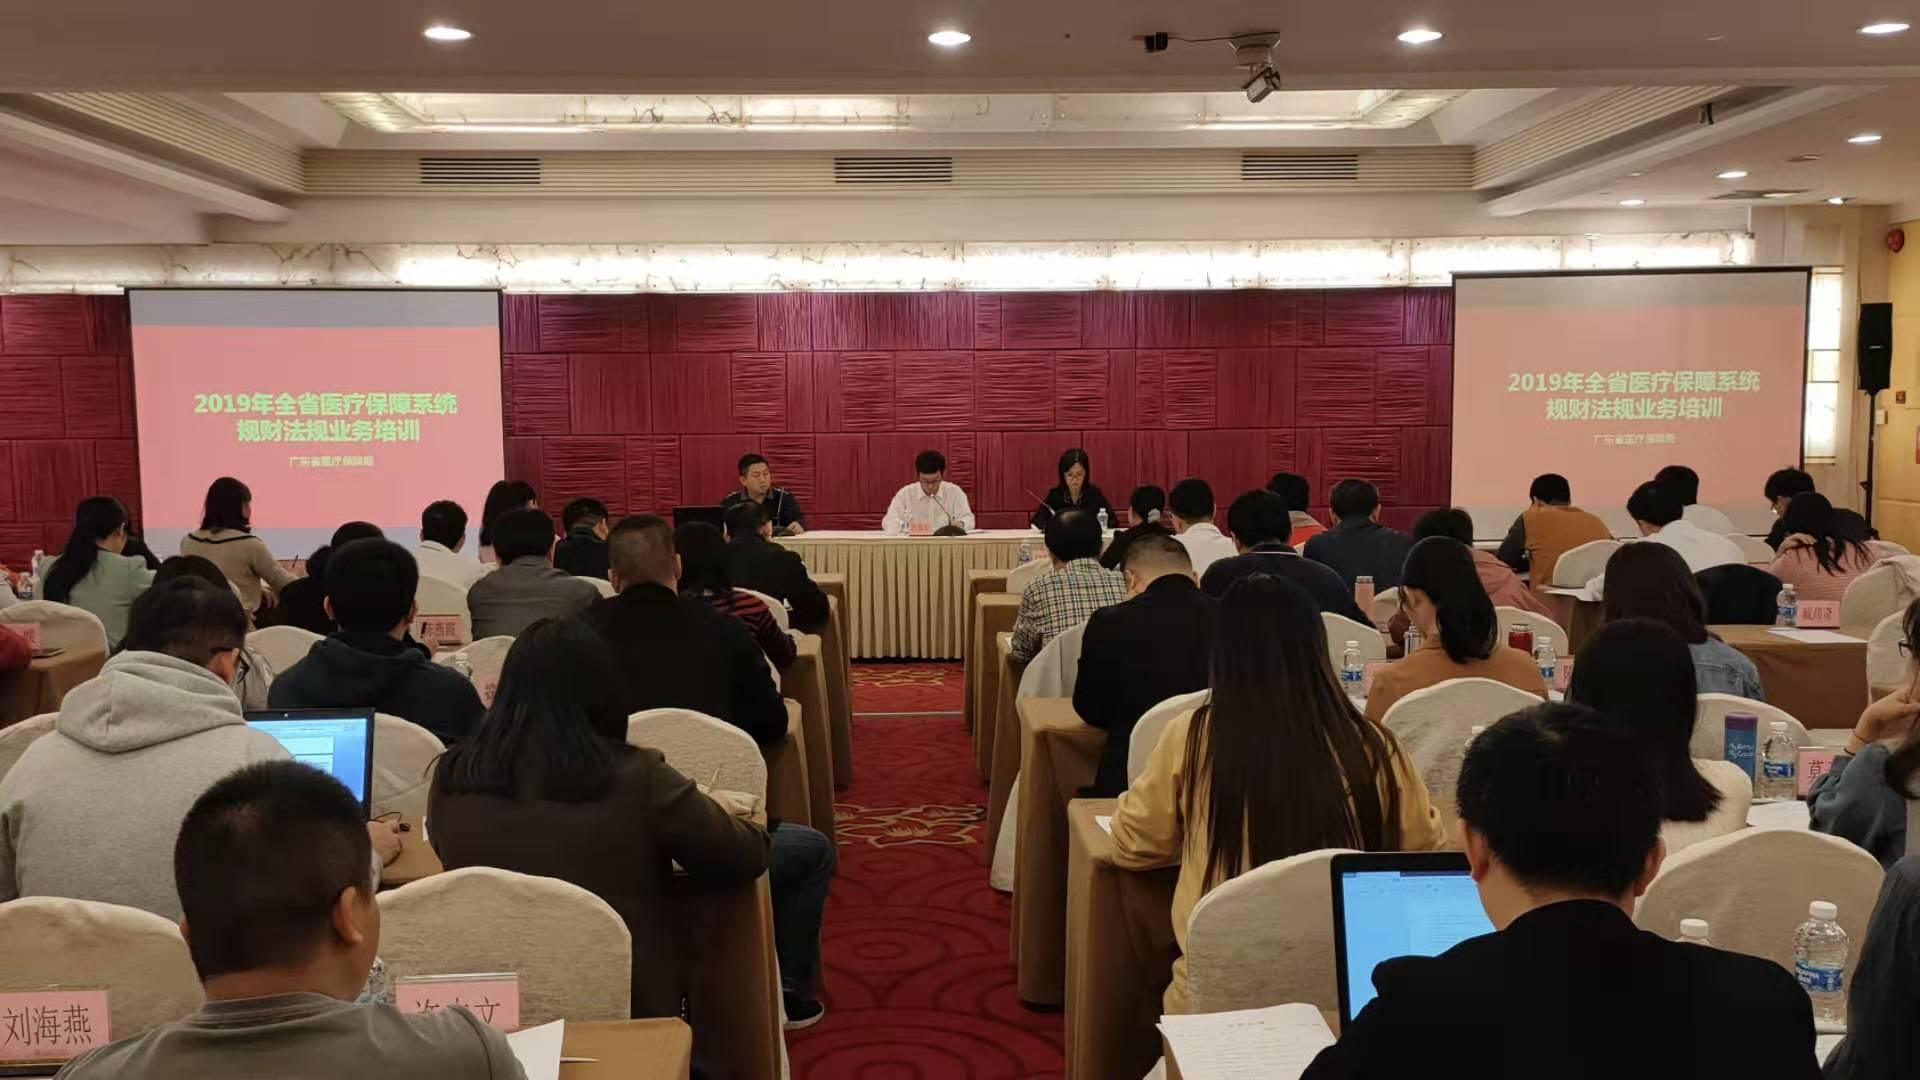 2019年全省医保系统规财法规业务培训班.jpg